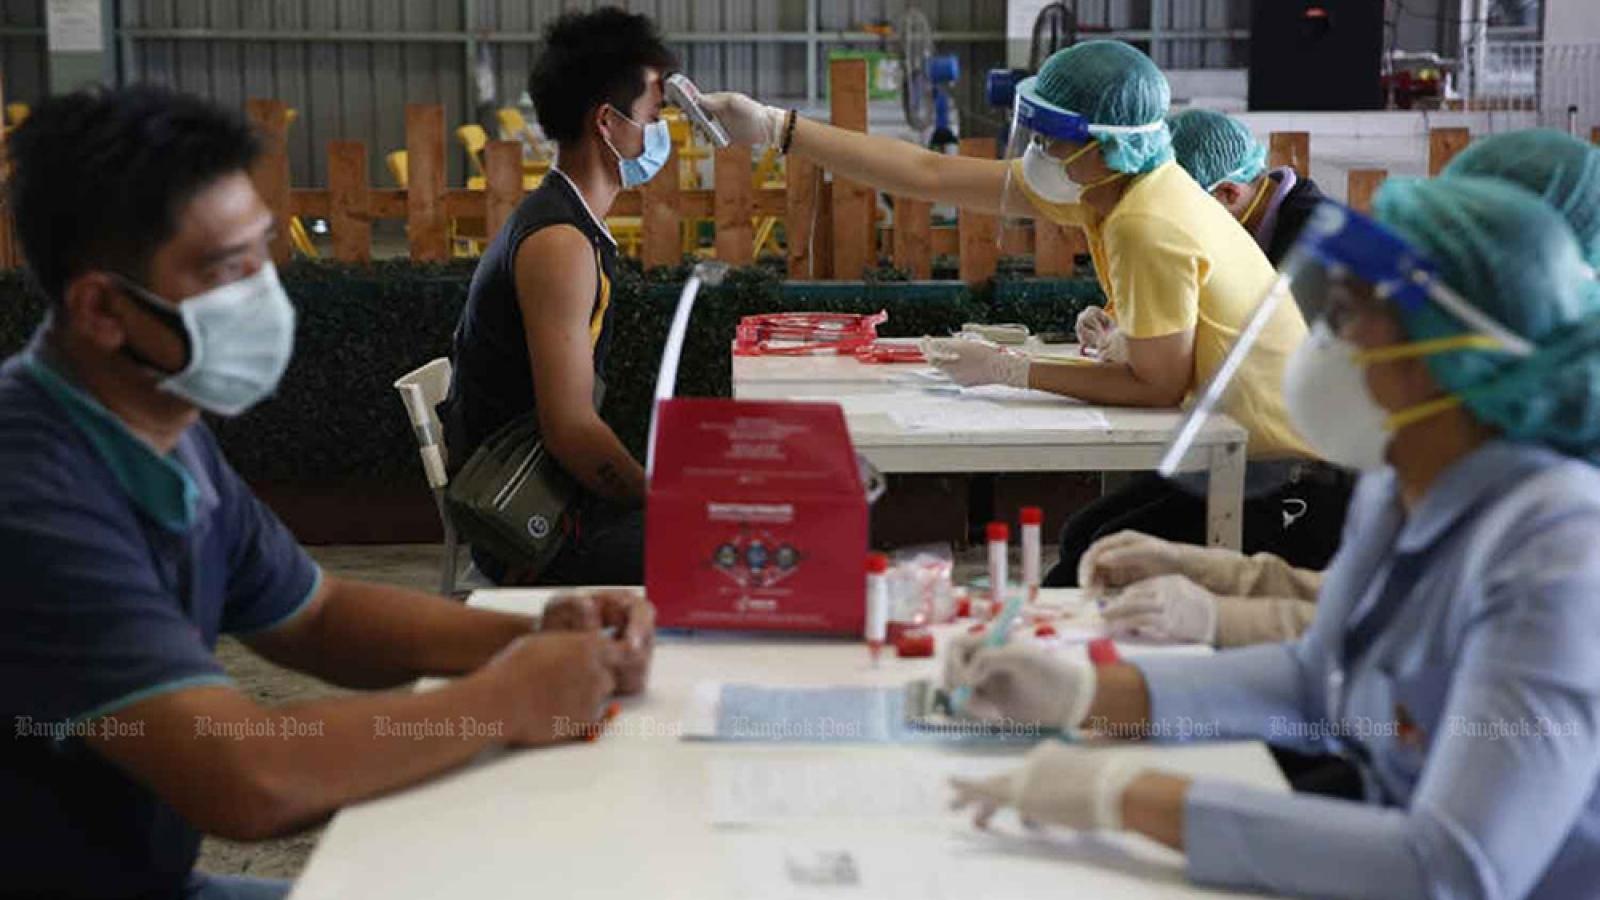 Thái Lan mở rộng lệnh giới nghiêm thêm 3 tỉnh sau khi ghi nhận số ca Covid-19 tăng kỷ lục